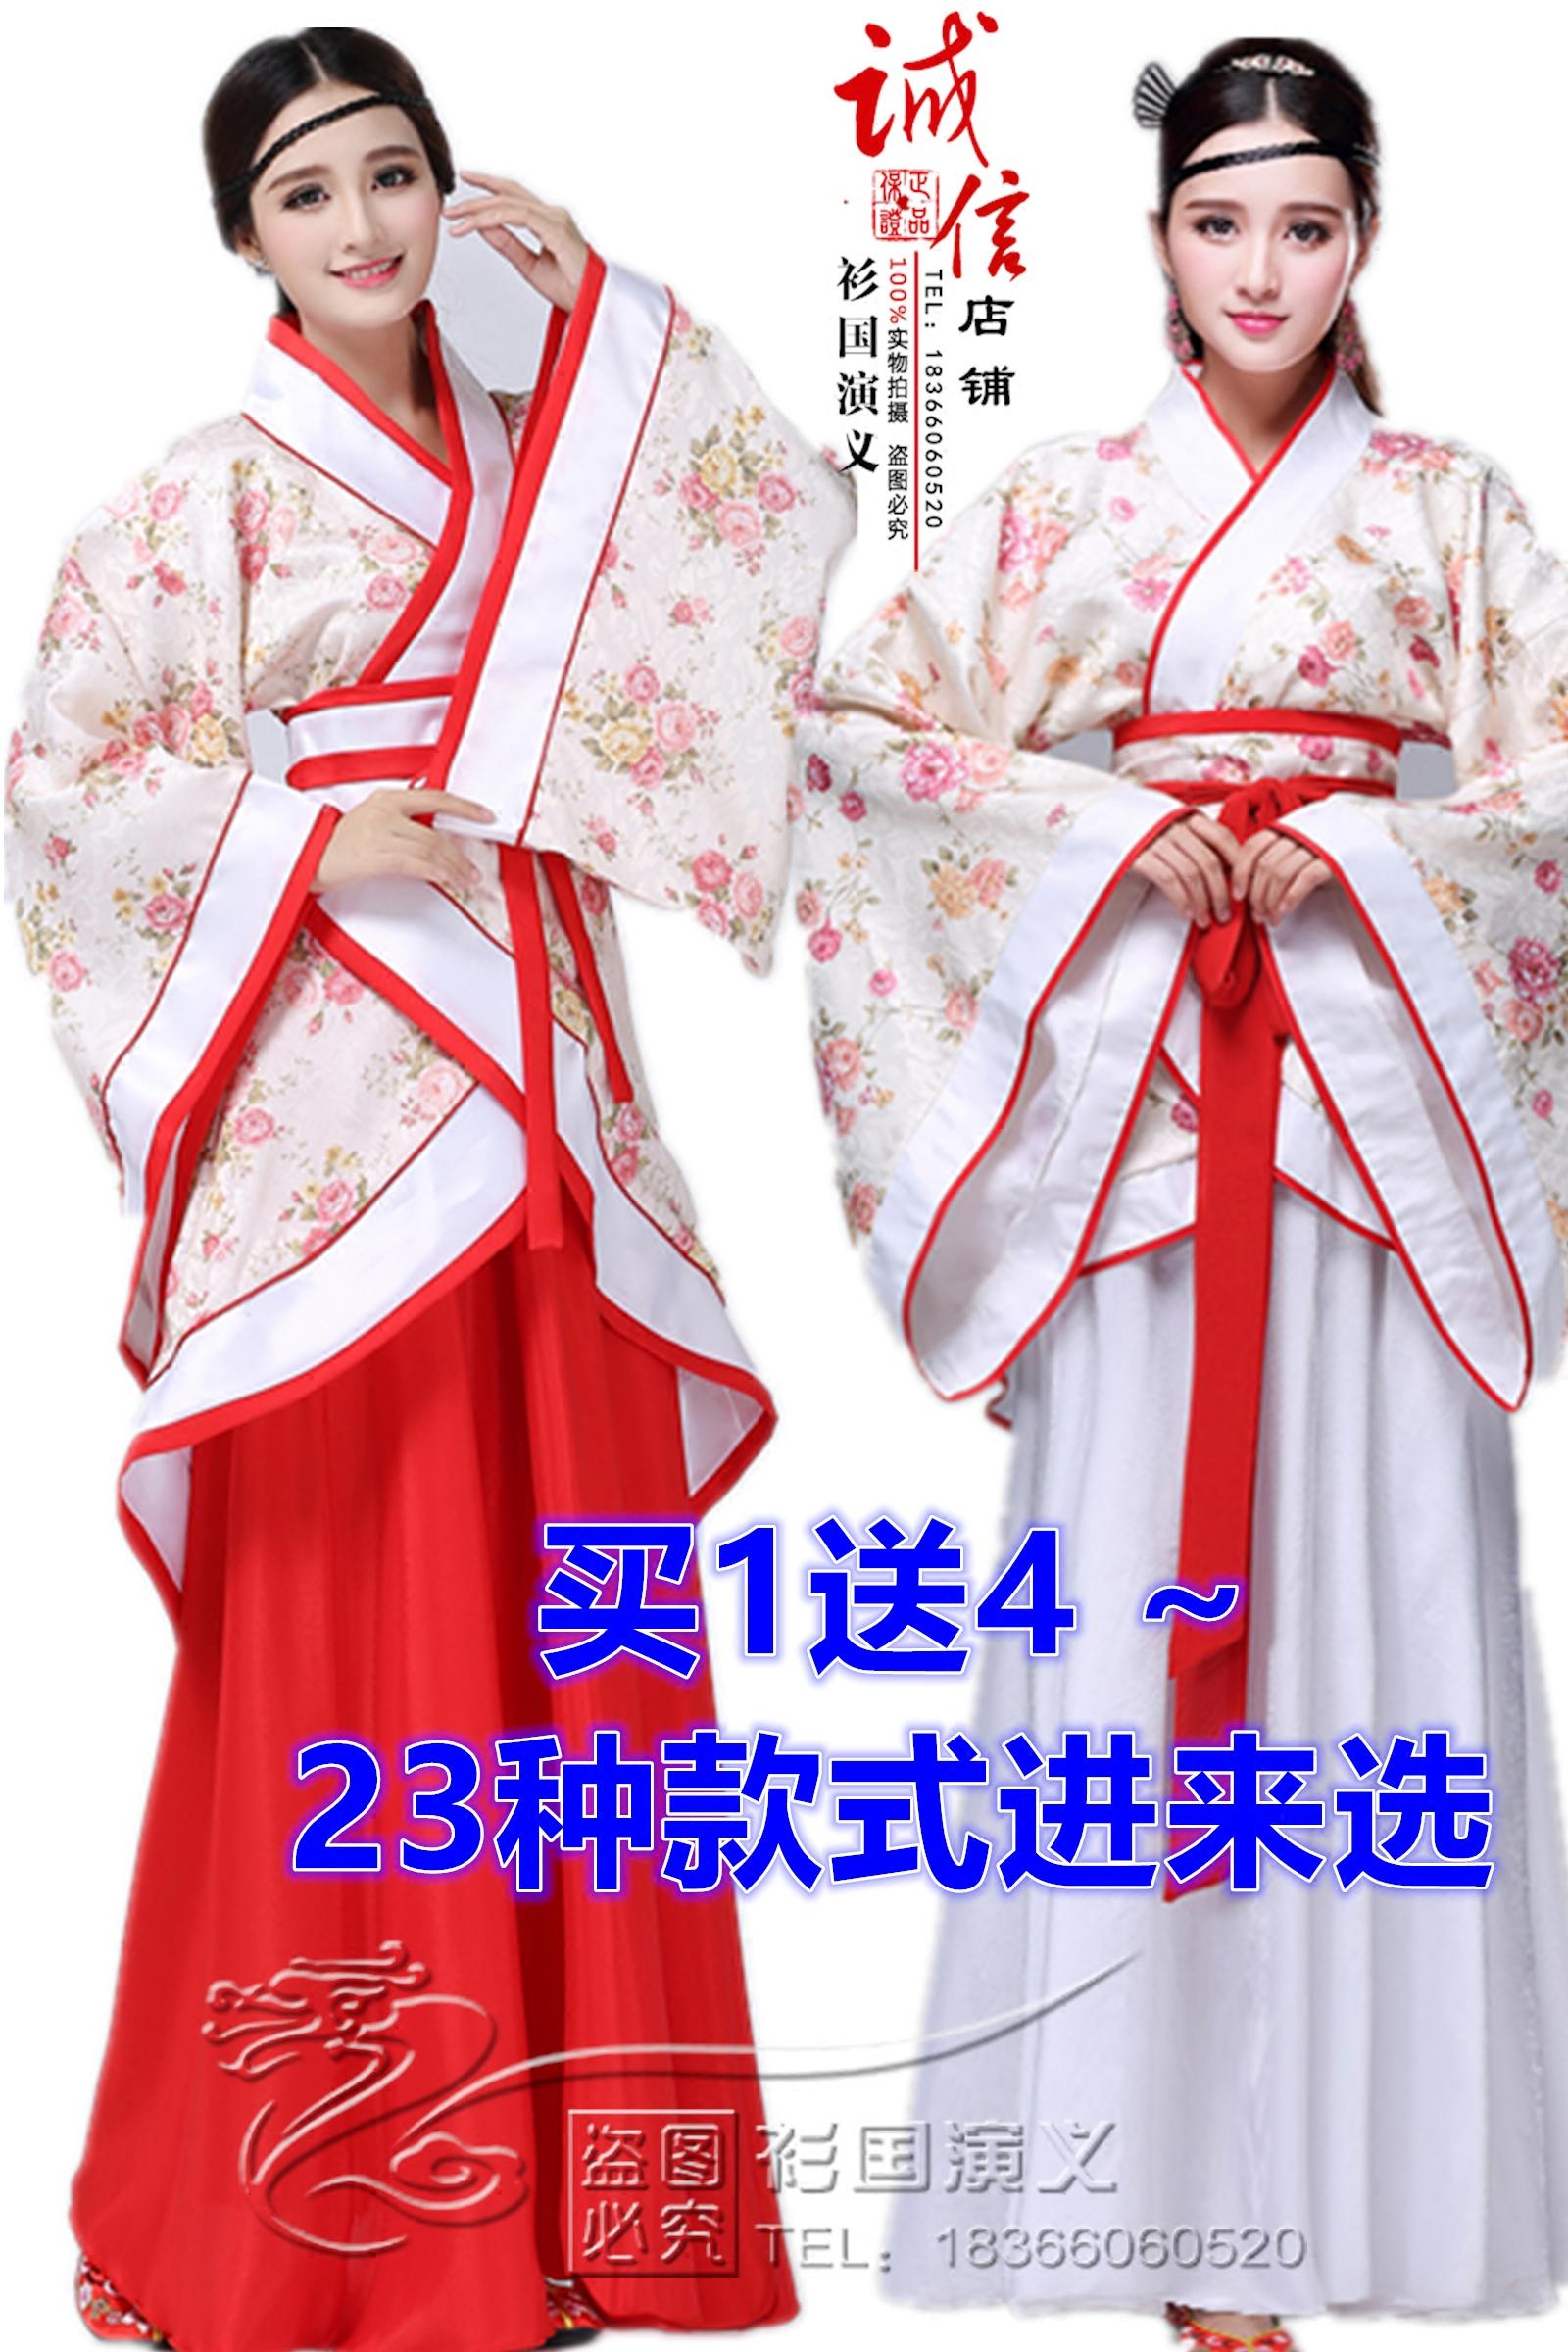 2016新款汉服古装汉服女装 正规曲裾改良写真 唐装汉服演出服装